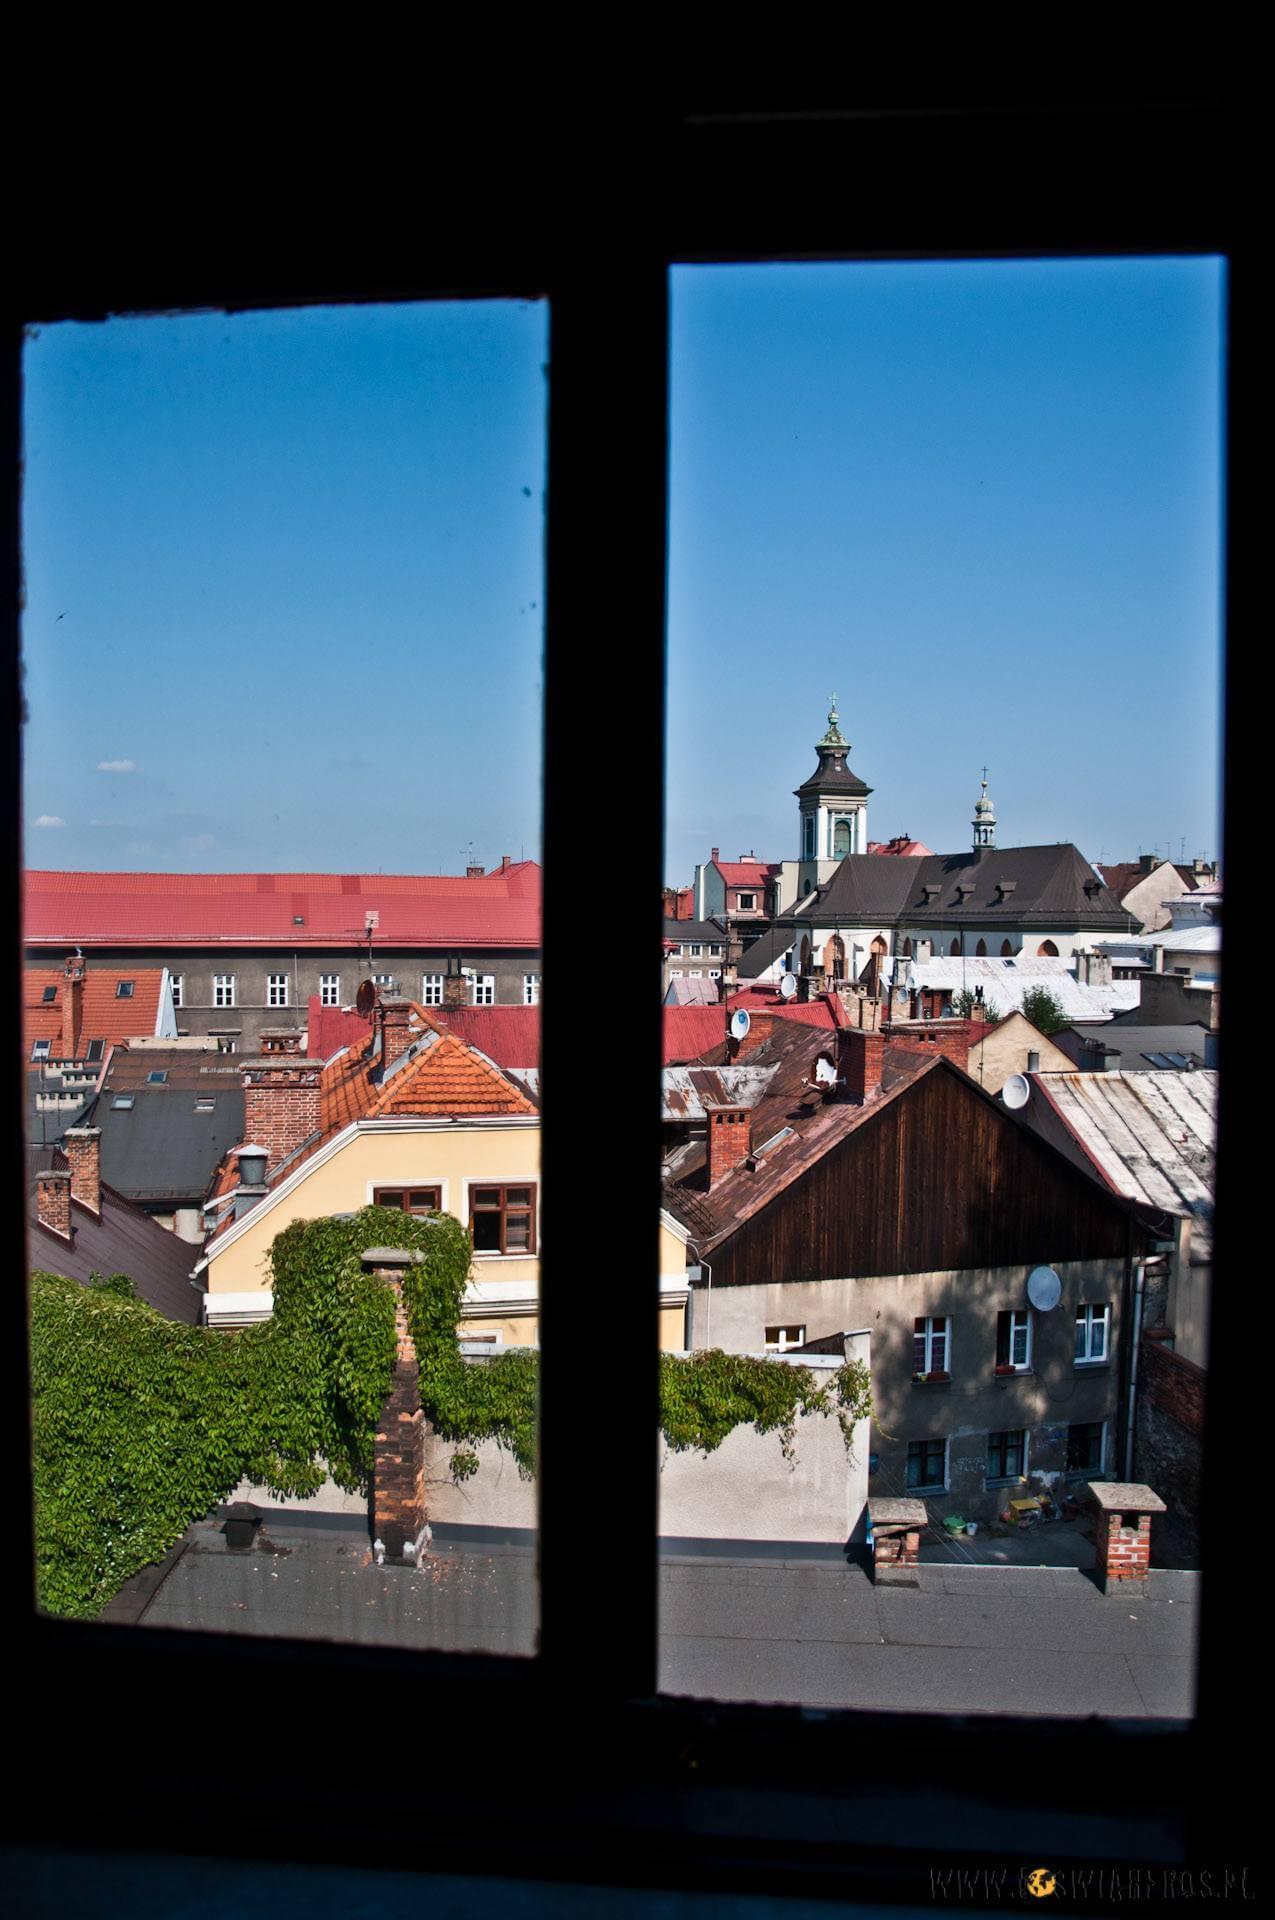 Widok nacentrum Cieszyna, araczej jego dachy... [f/3.5, 16mm]